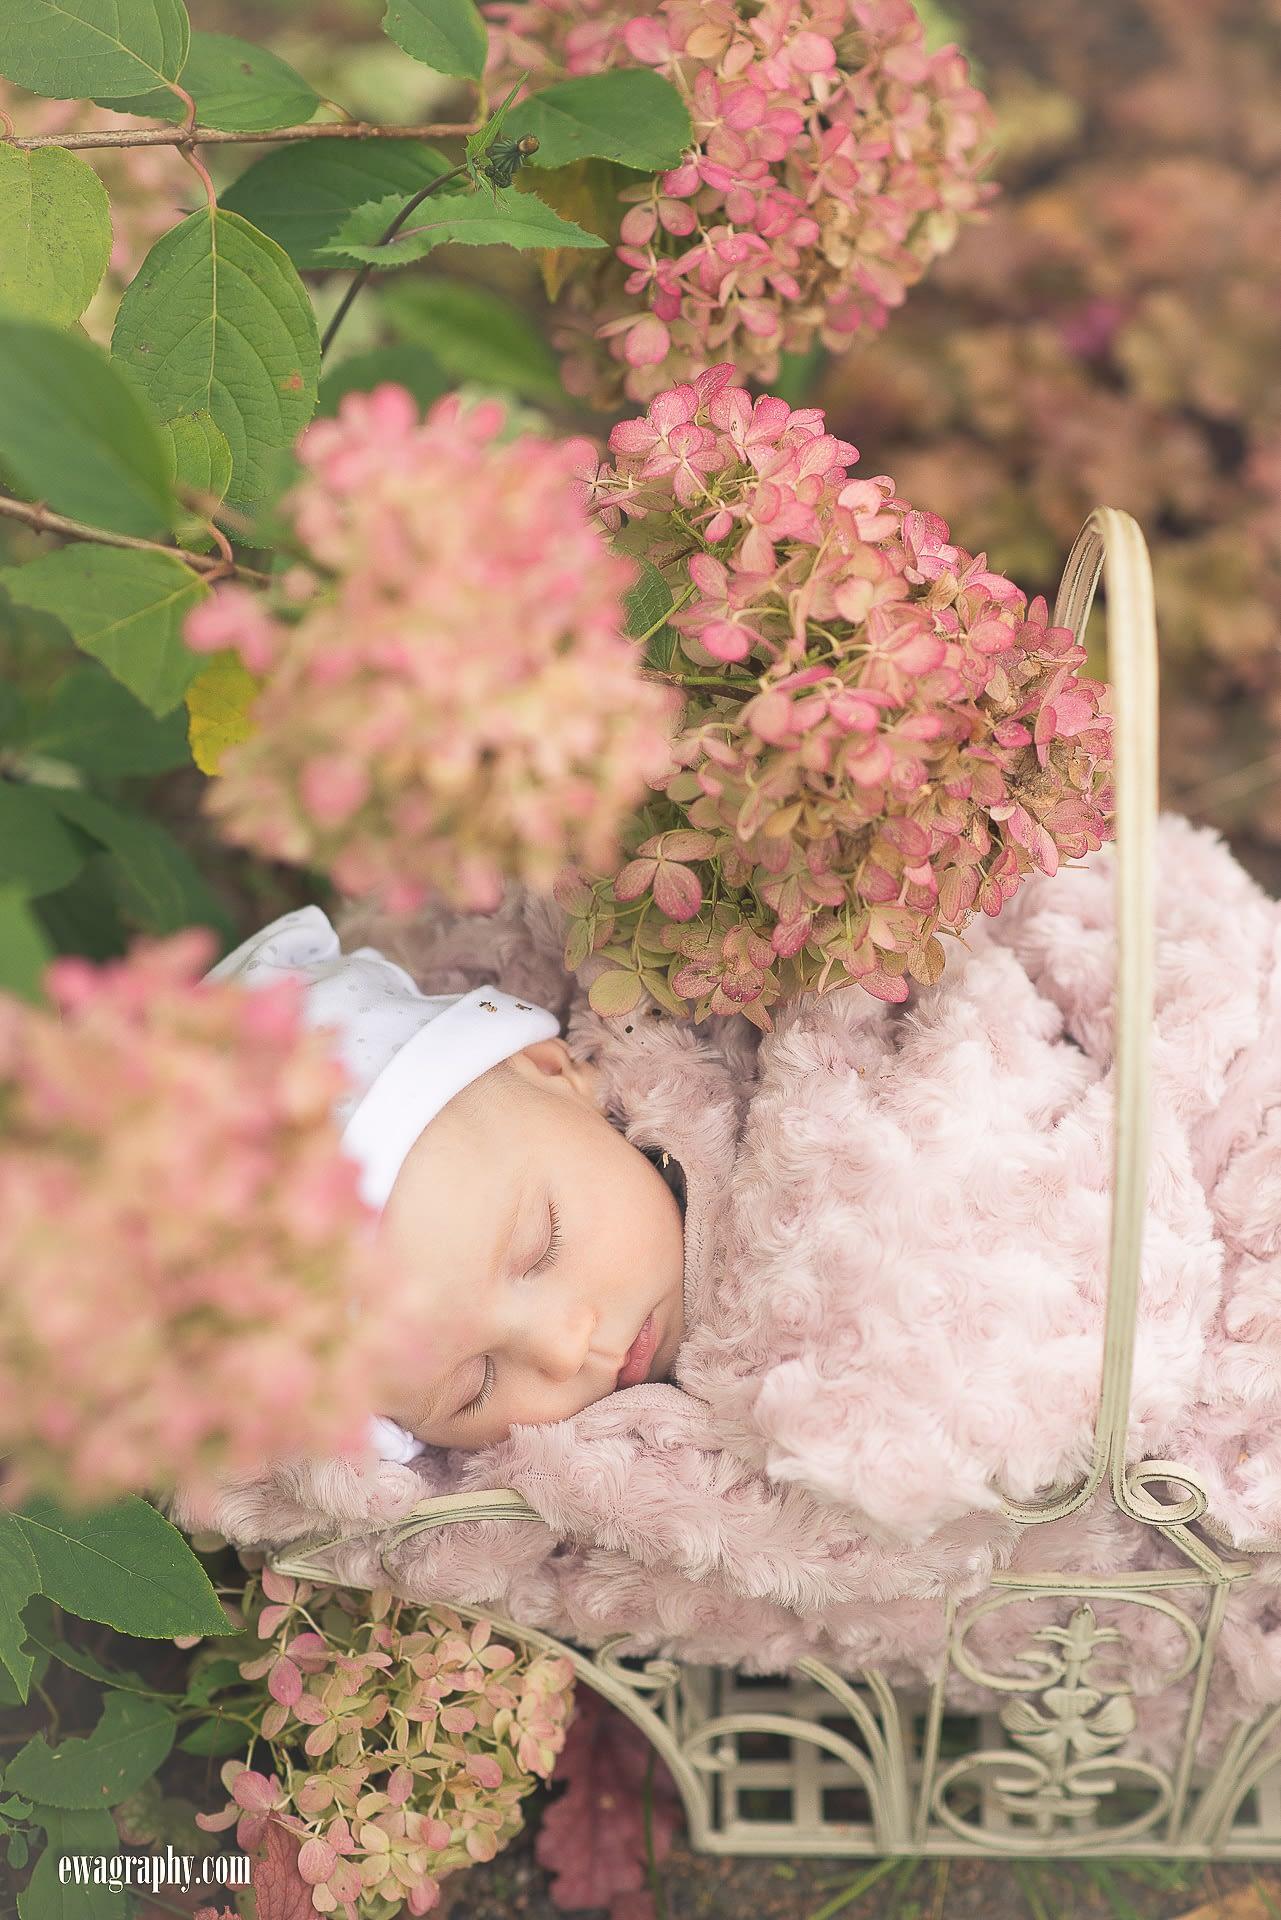 sesja-niemowlęca-w-hortensjach-1-of-1